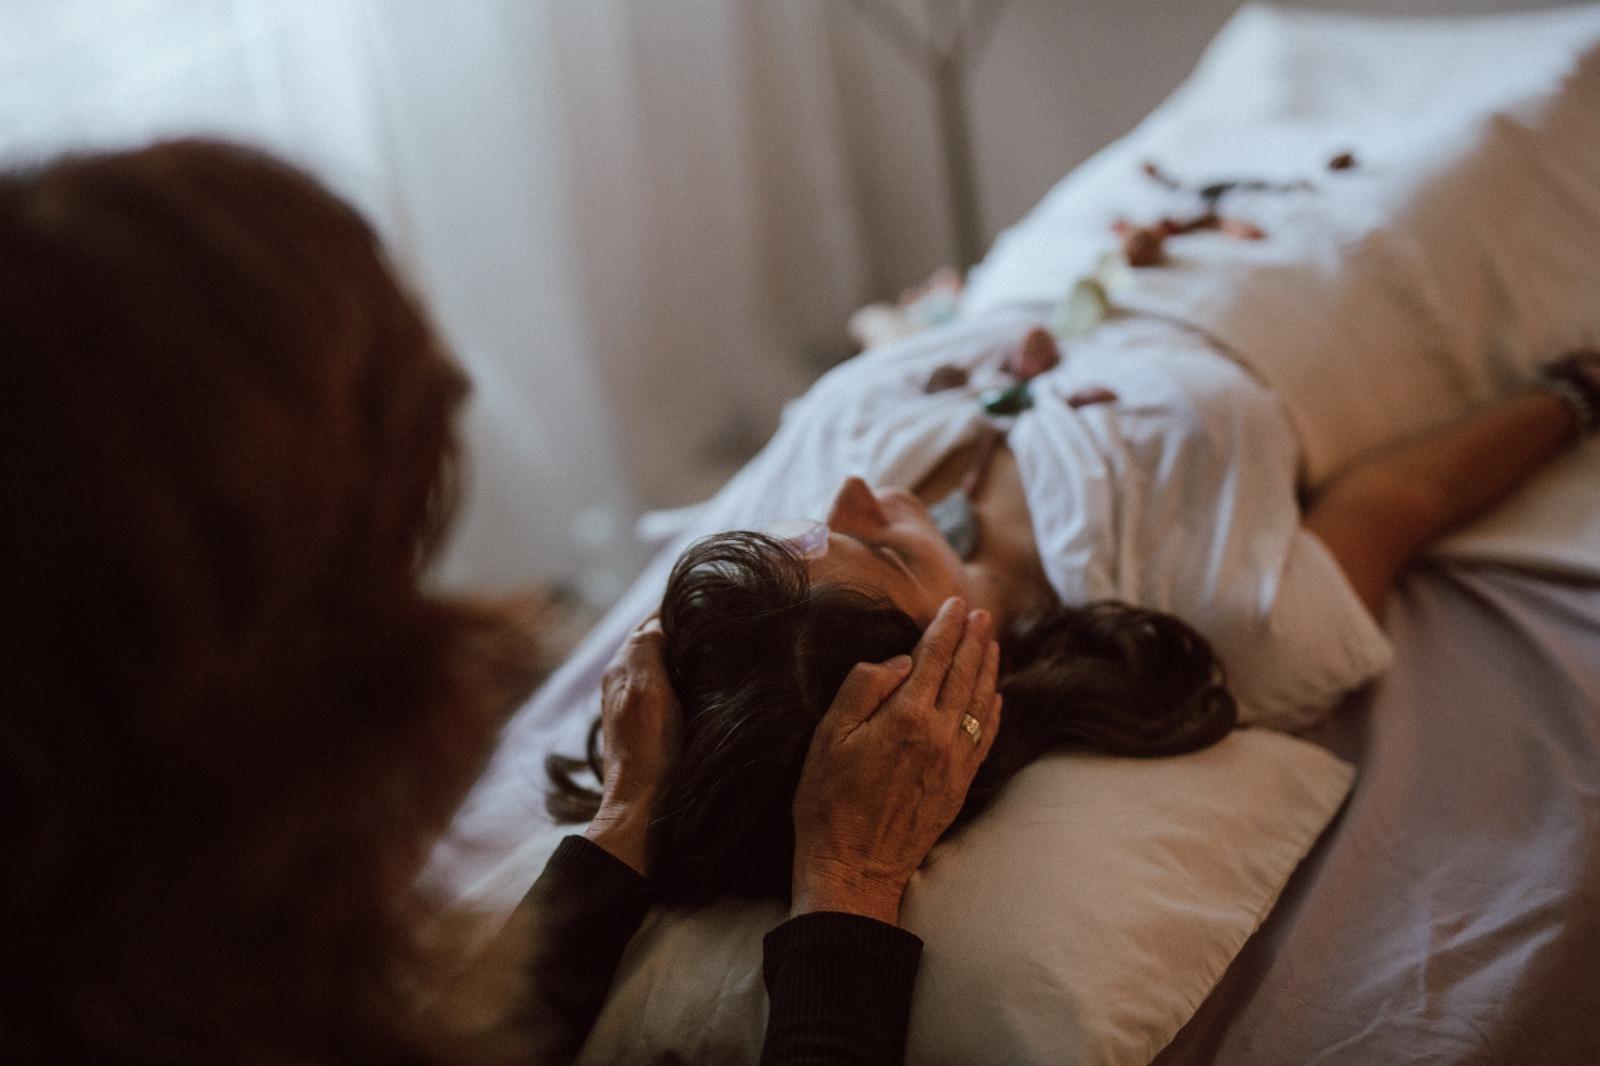 טיפול בהילינג בשילוב קריסטלים וכלים טיפוליים נוספים, כולל הנחת מערך קריסטלים על או מסביב למטופל ולעיתים מגע עדין.